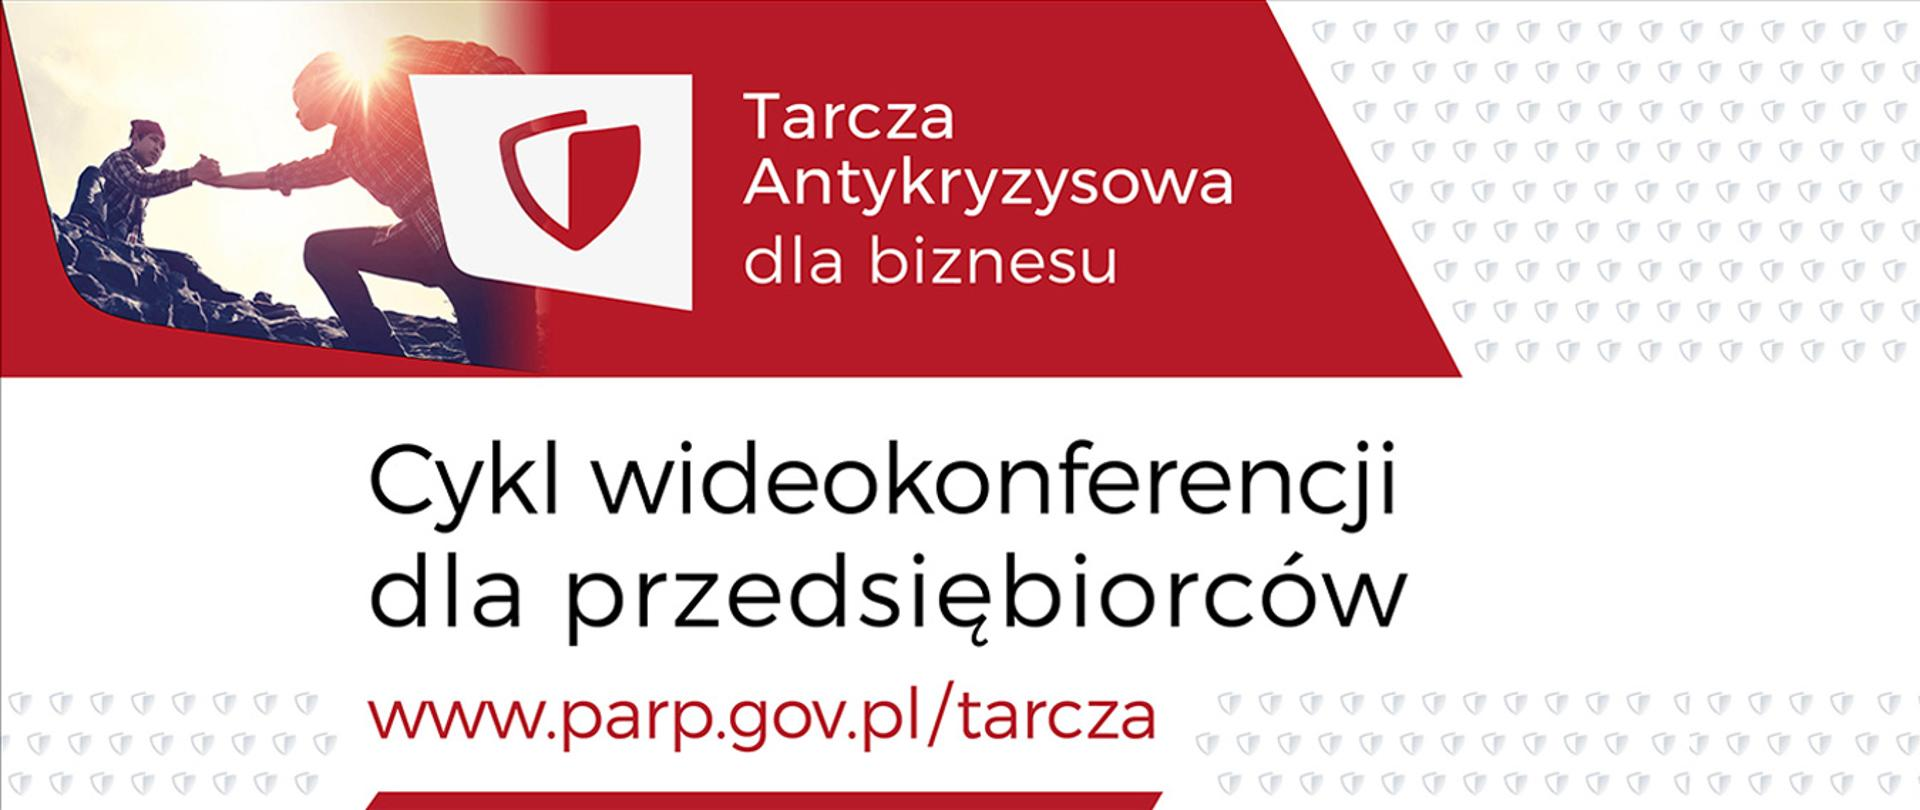 Graf tarczy oraz napis Tarcza Antykryzysowa dla biznesu a poniżej Cykl wideokonferencji dla przedsiębiorców www.parp.gov.pl/tarcza